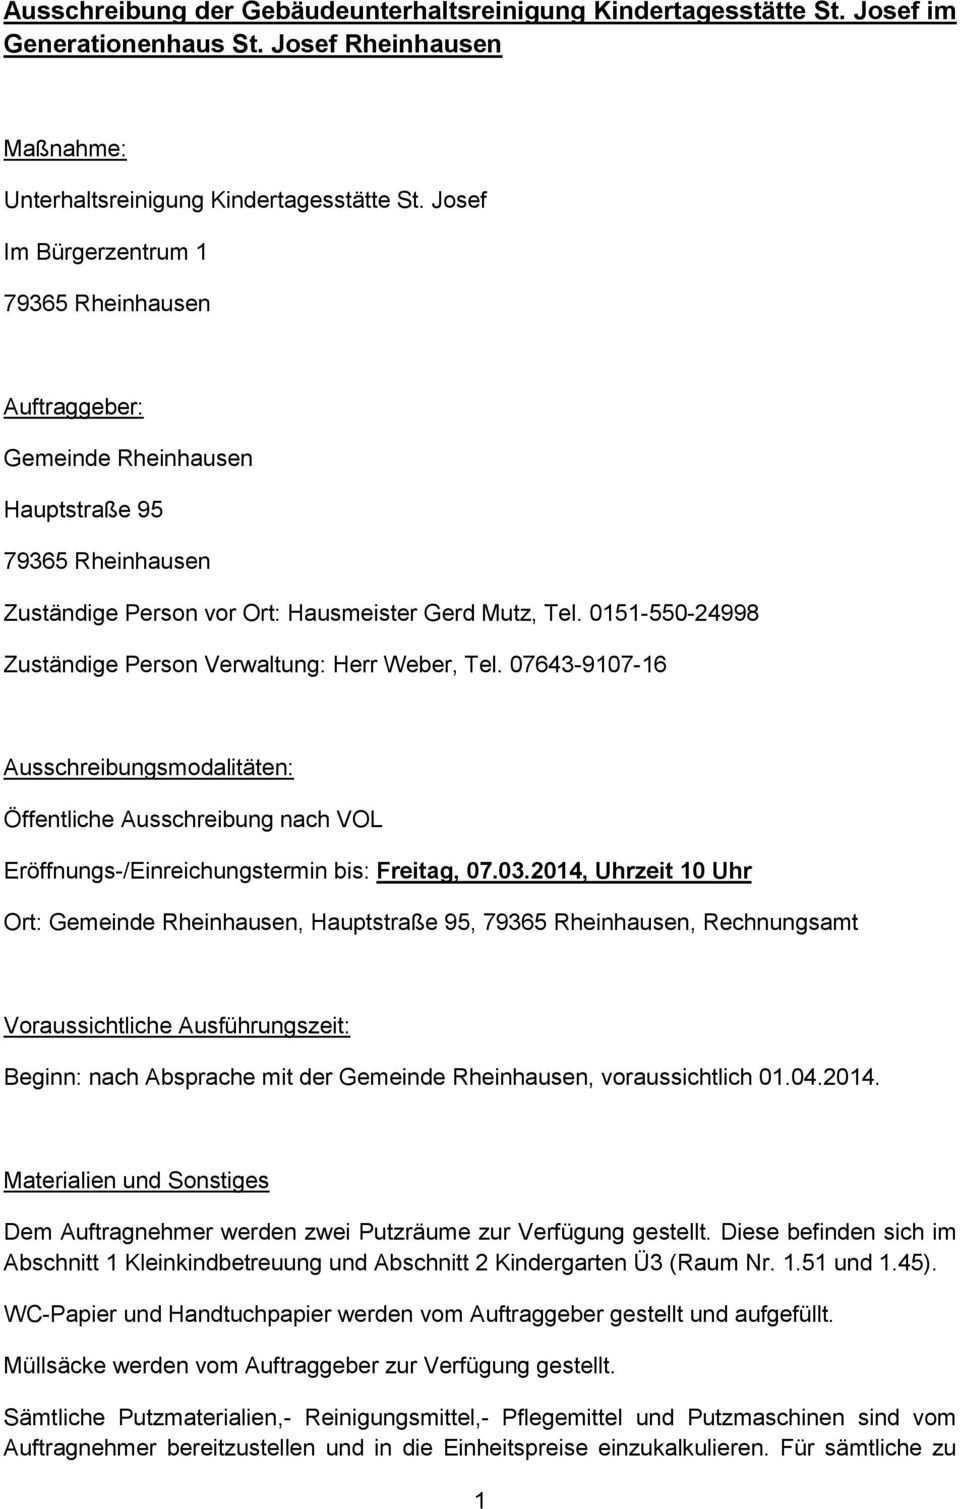 Ausschreibung Der Gebaudeunterhaltsreinigung Kindertagesstatte St Josef Im Generationenhaus St Josef Rheinhausen Pdf Free Download